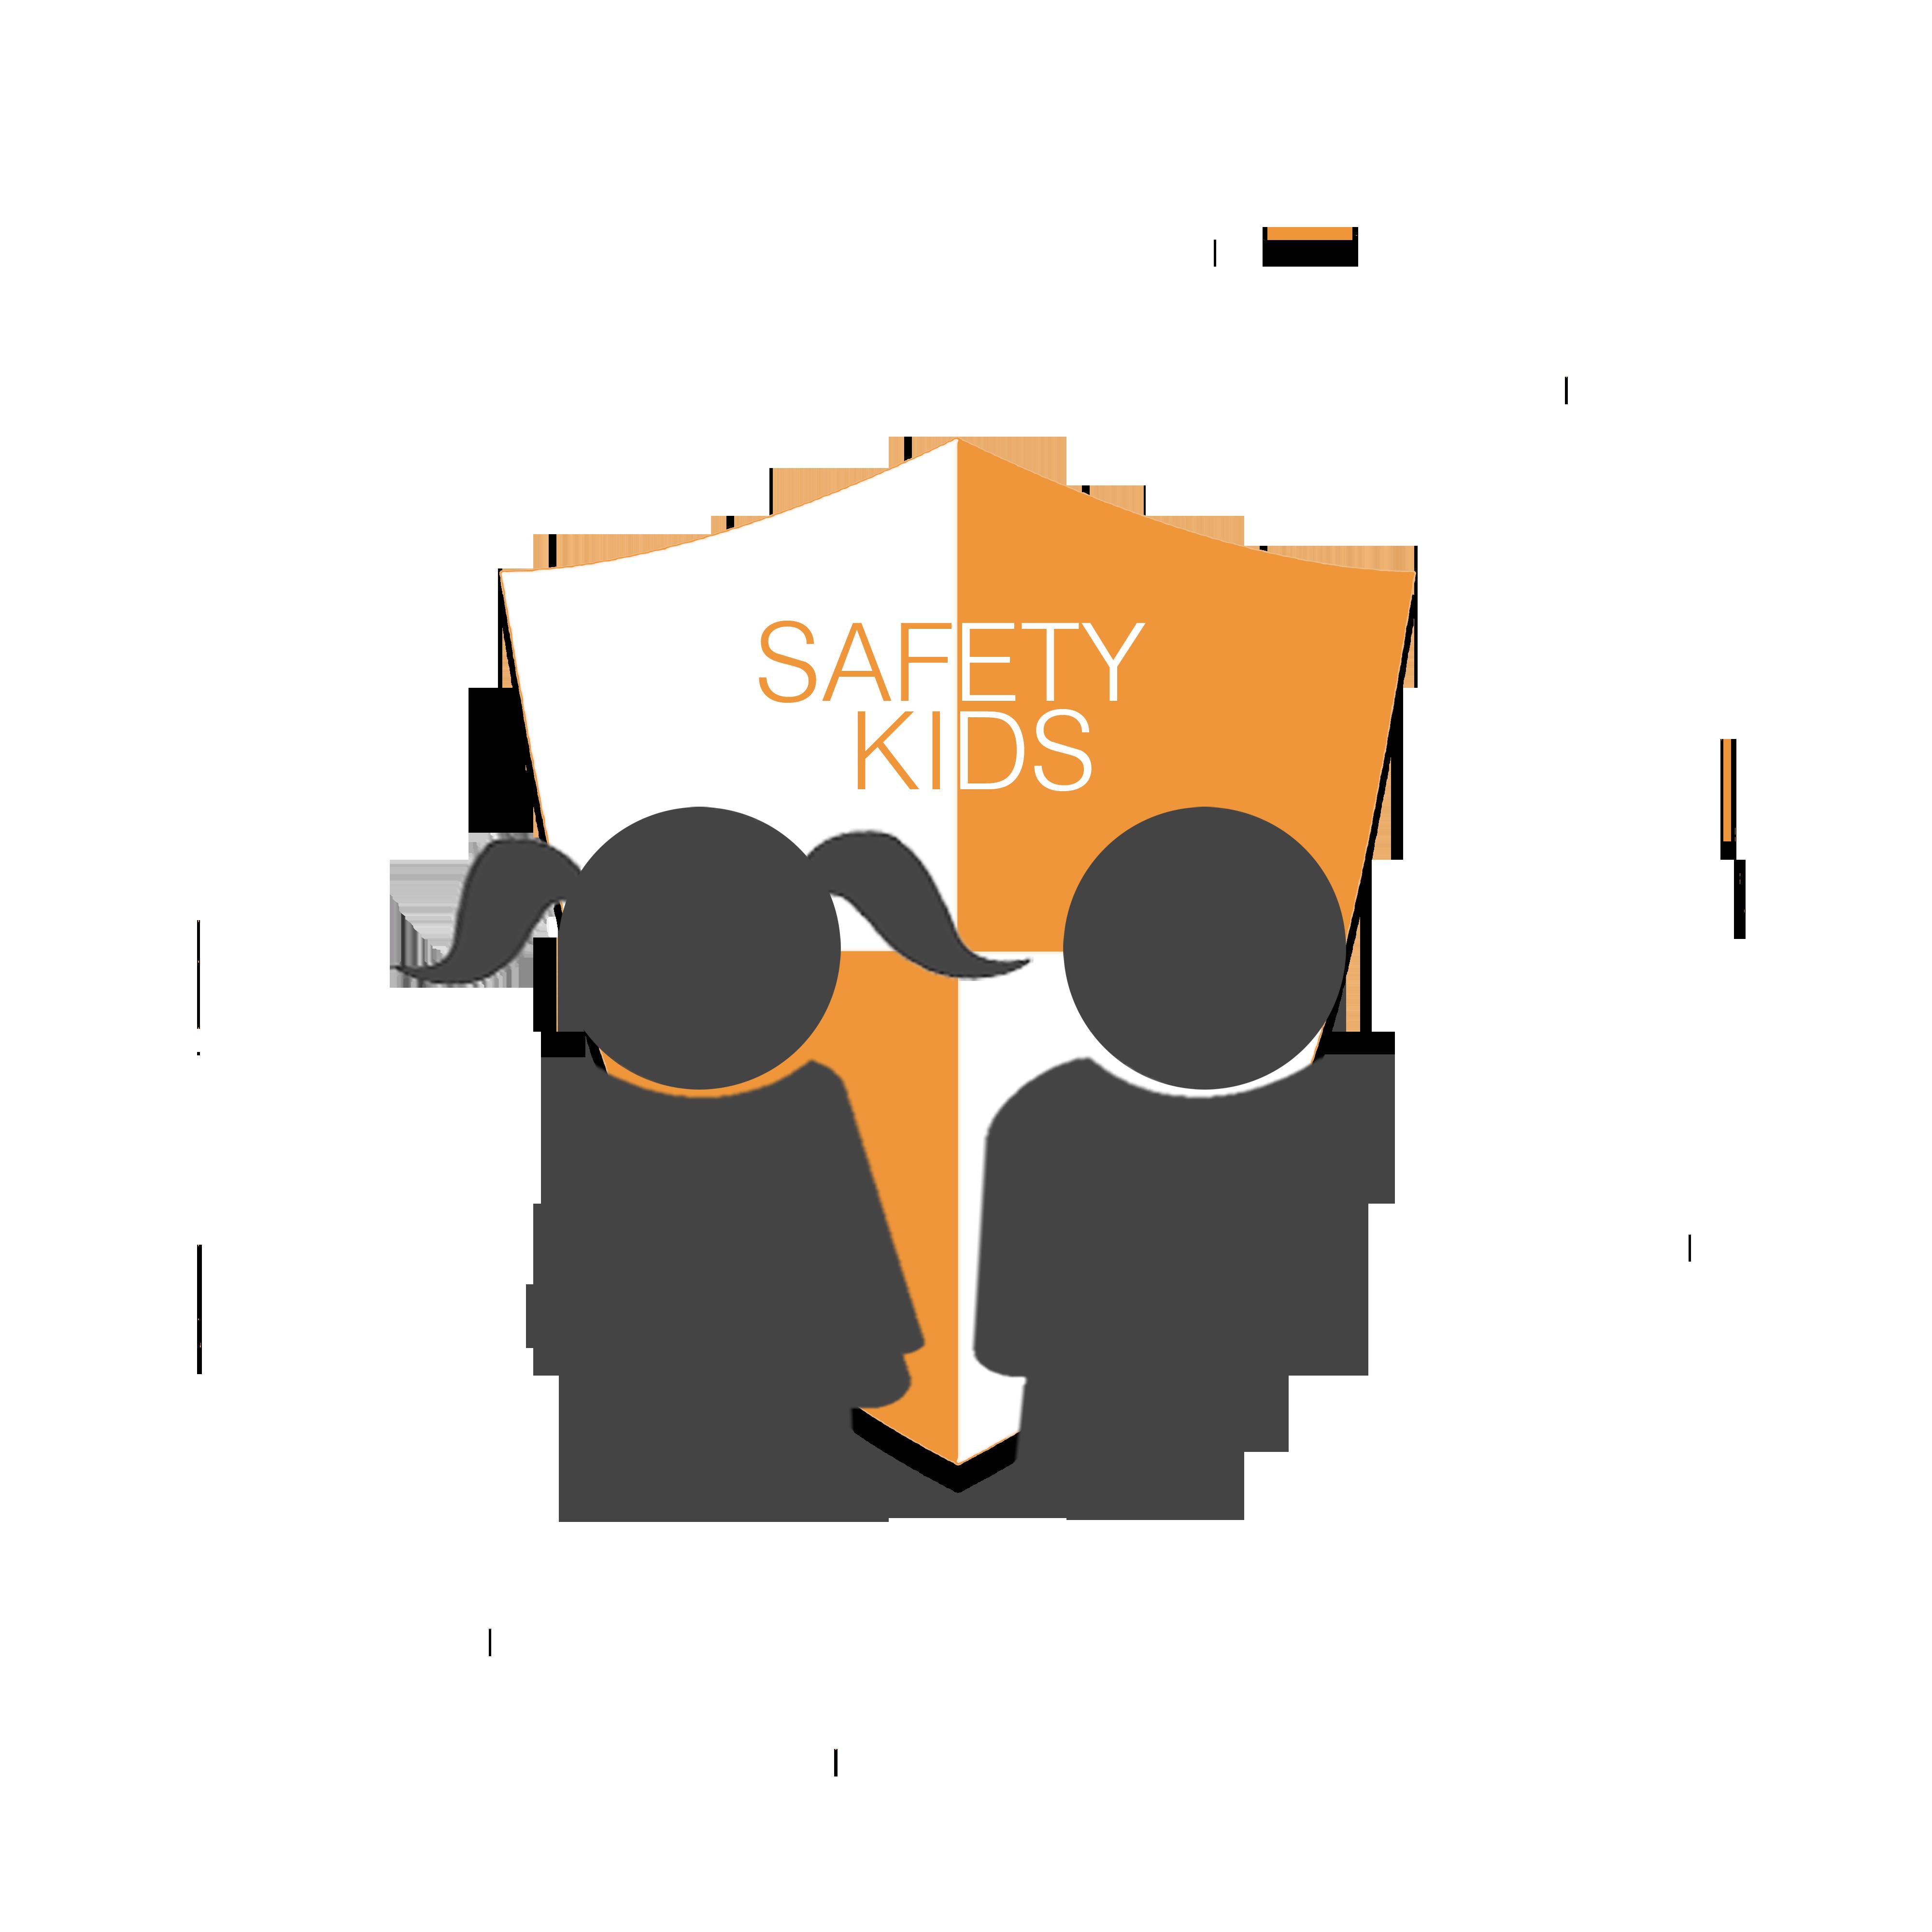 SafetyKids